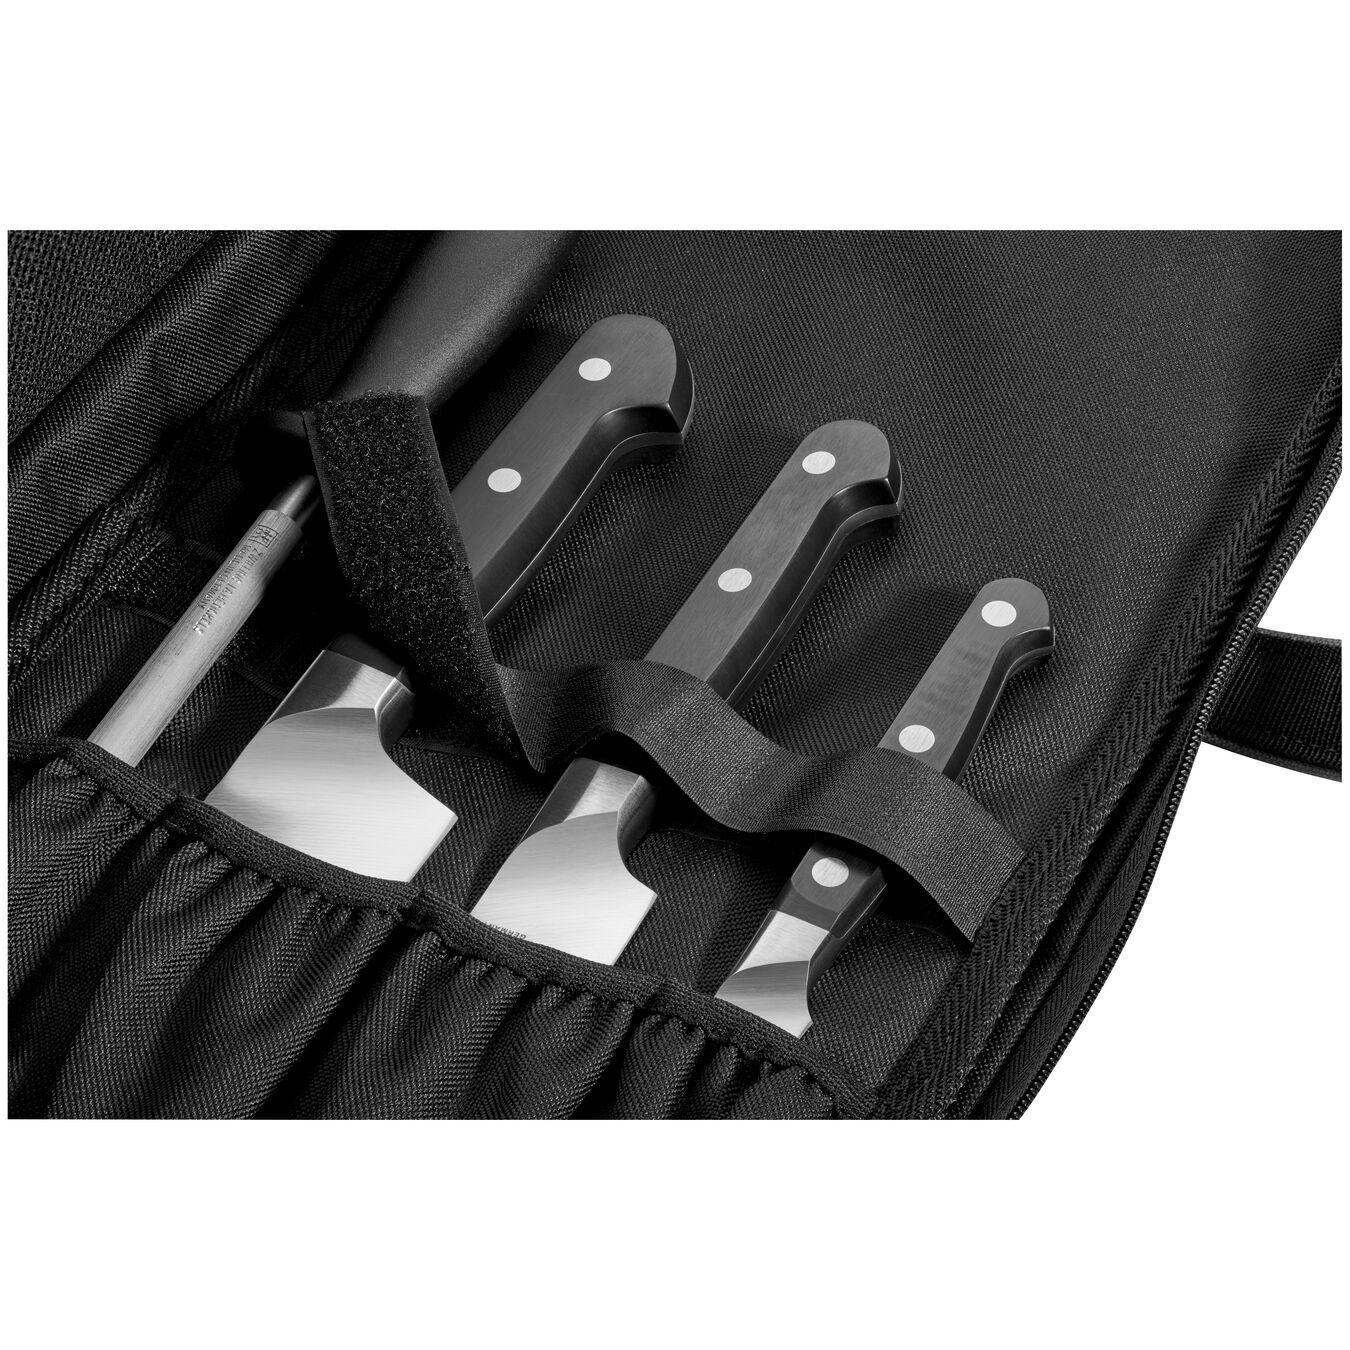 Bıçak Kılıfı | Siyah | 20 Bölmeli,,large 8